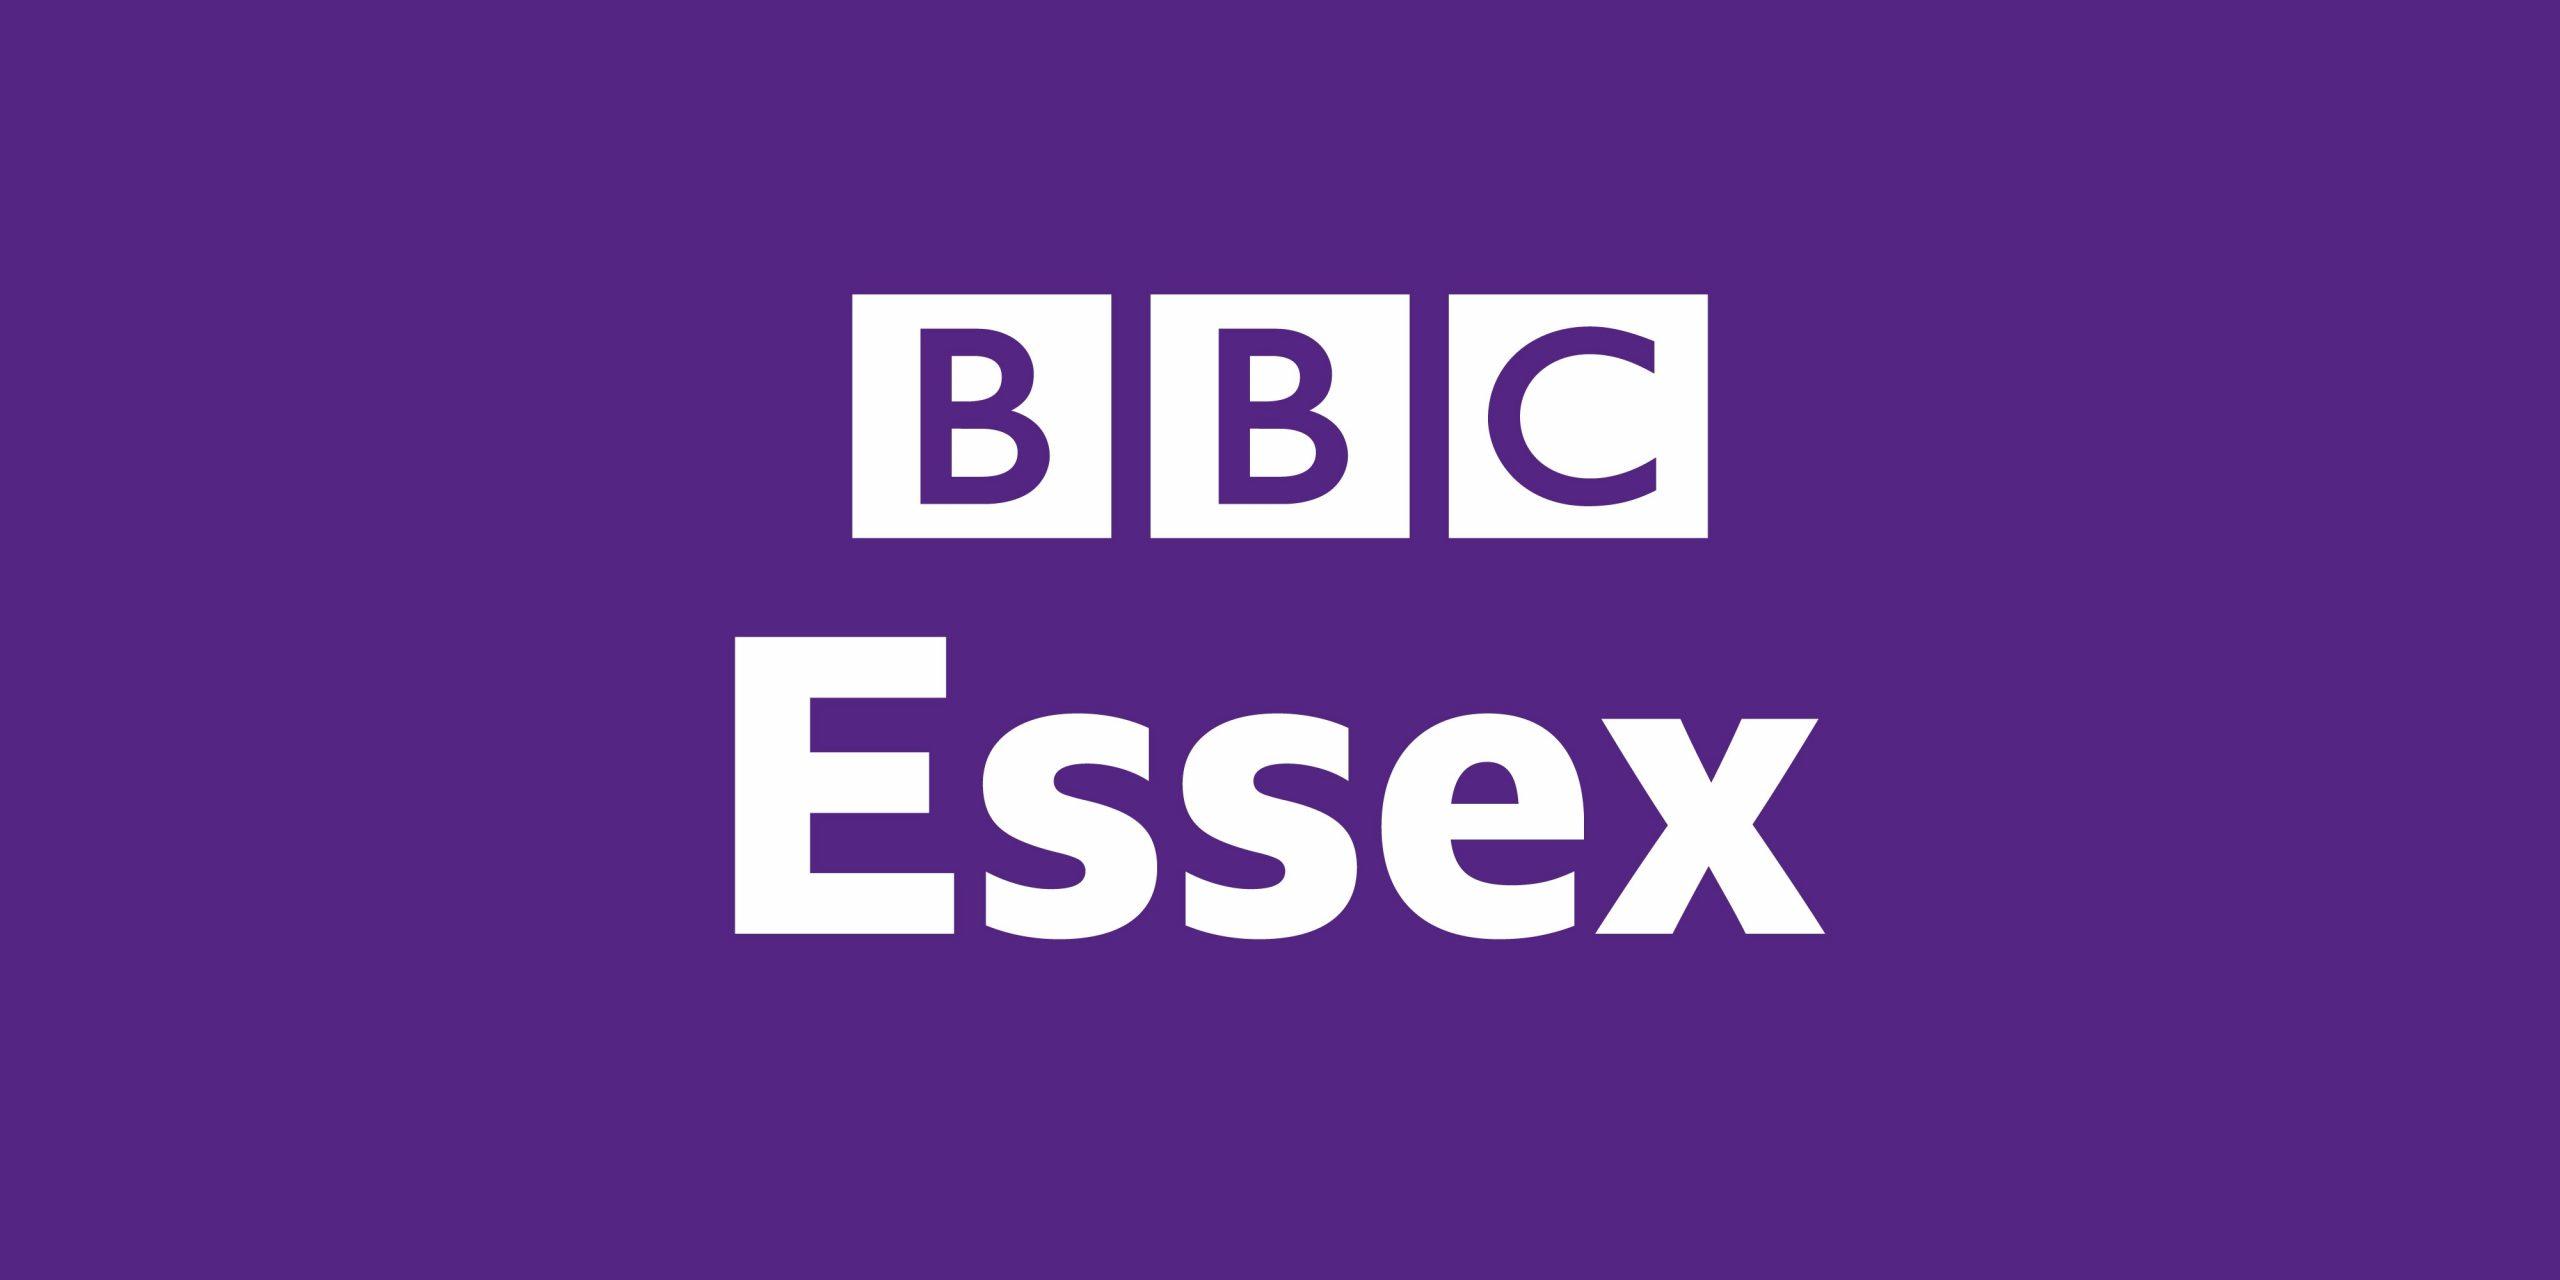 \Tune in to BBC Essex